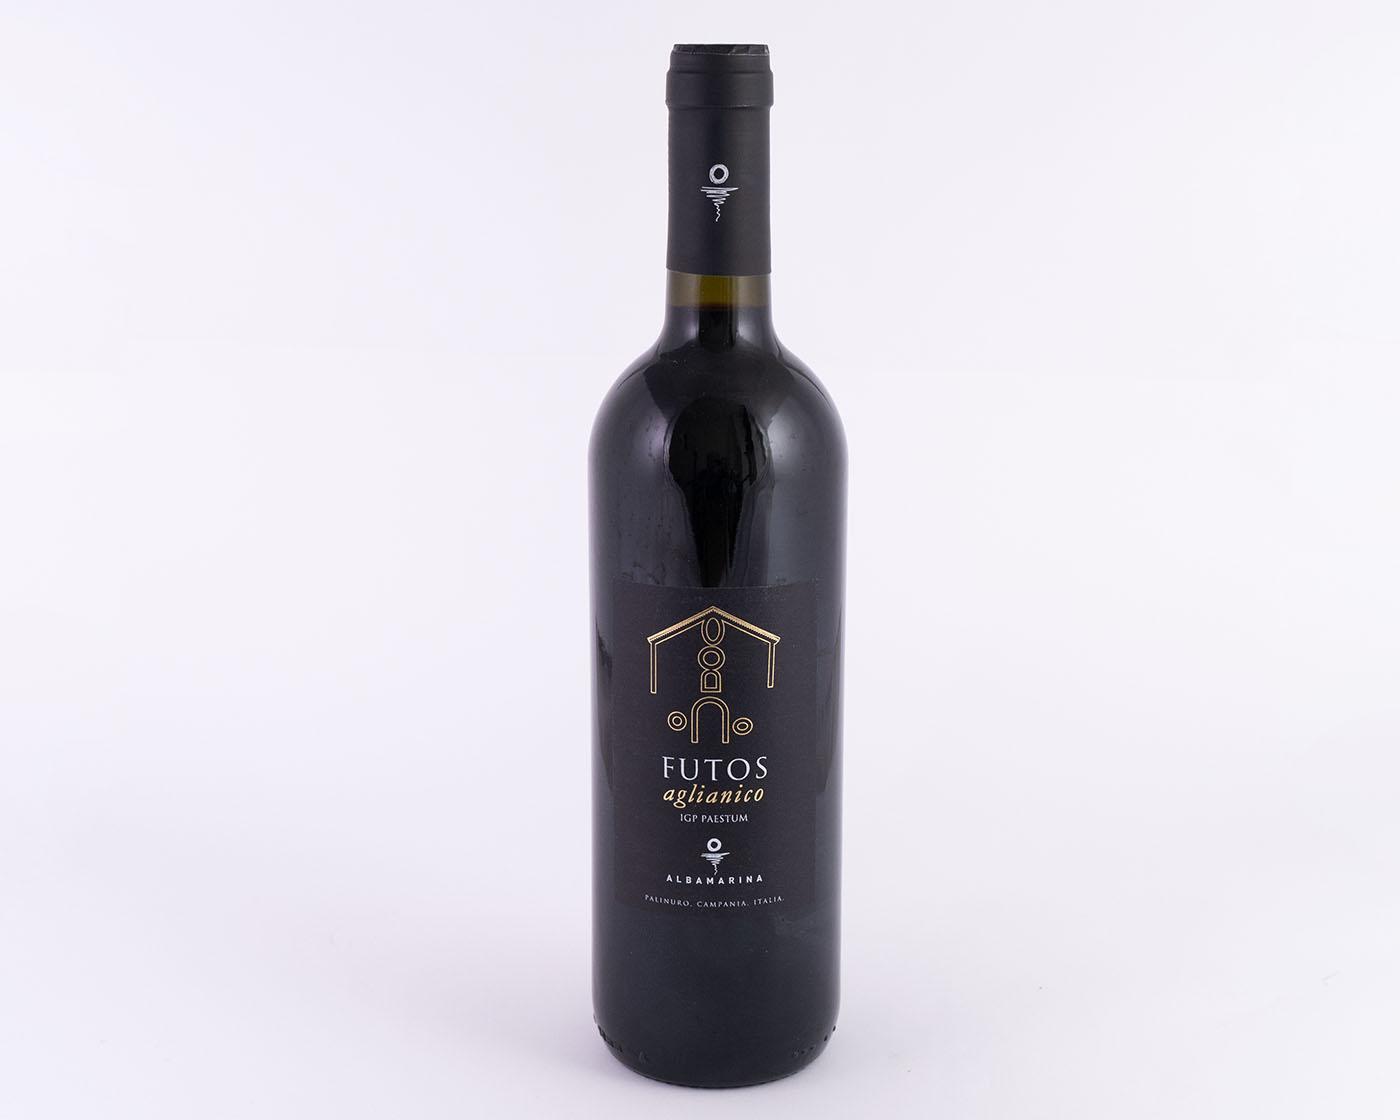 Futos - Vino Rosso Aglianico